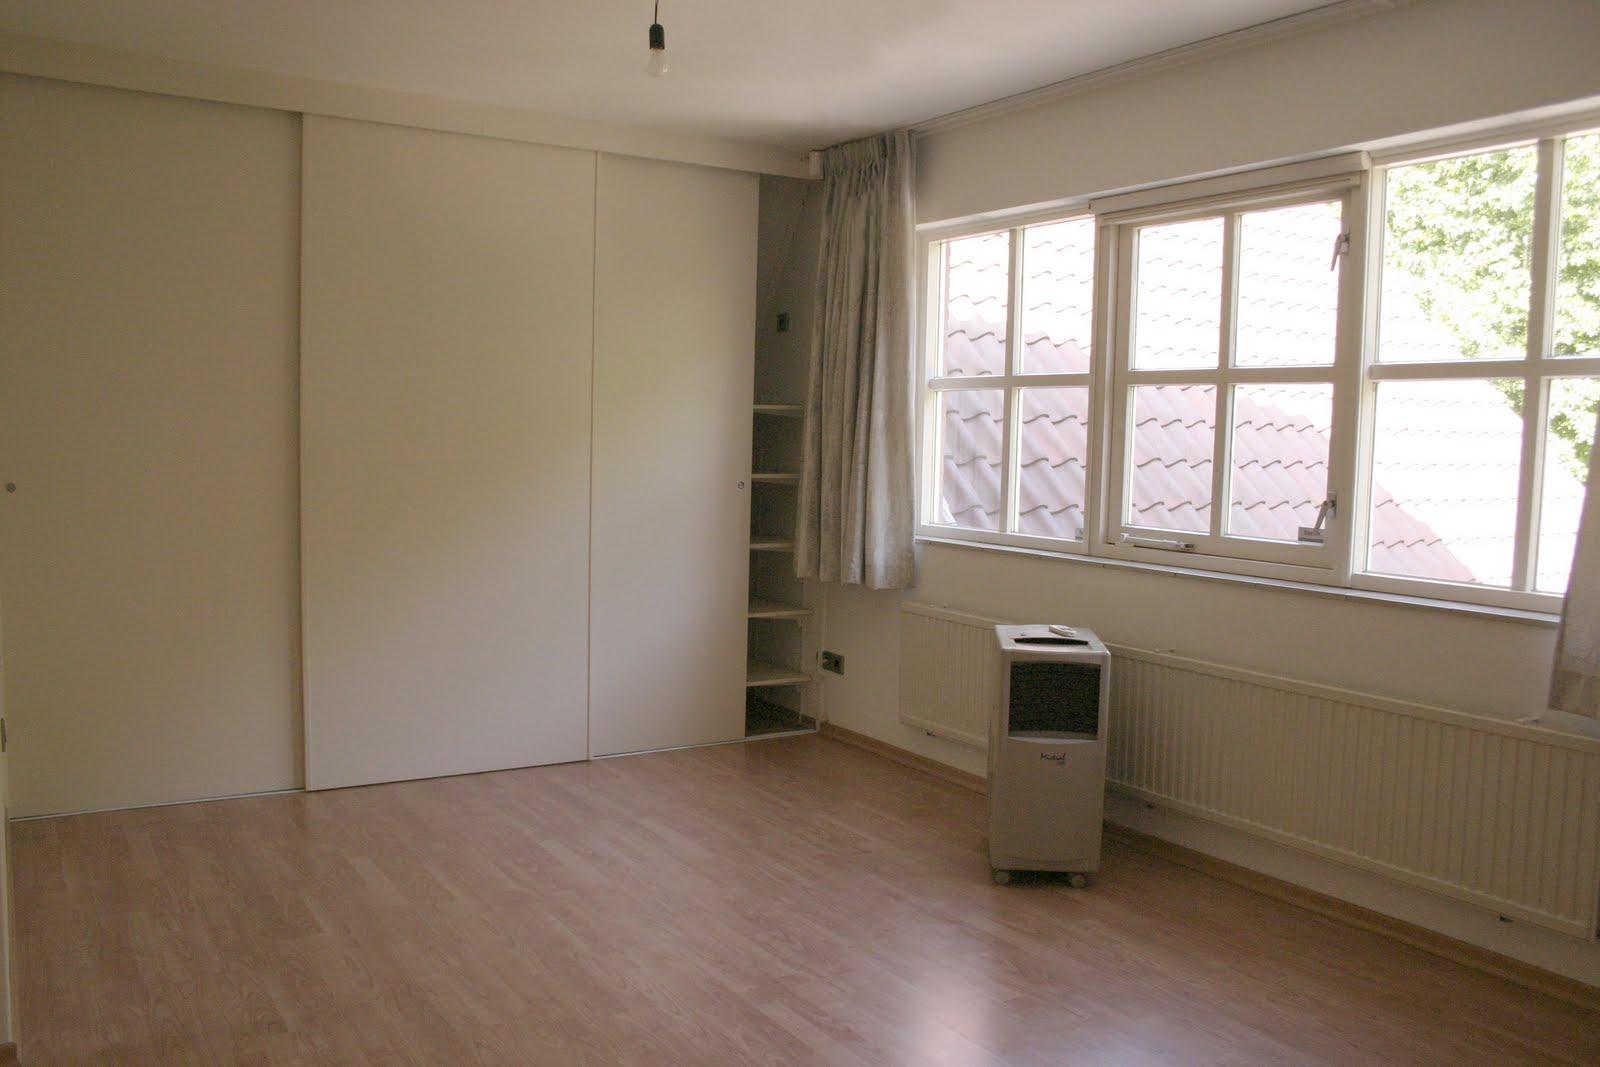 Zen Slaapkamer : Slaapkamer met inbouwkast